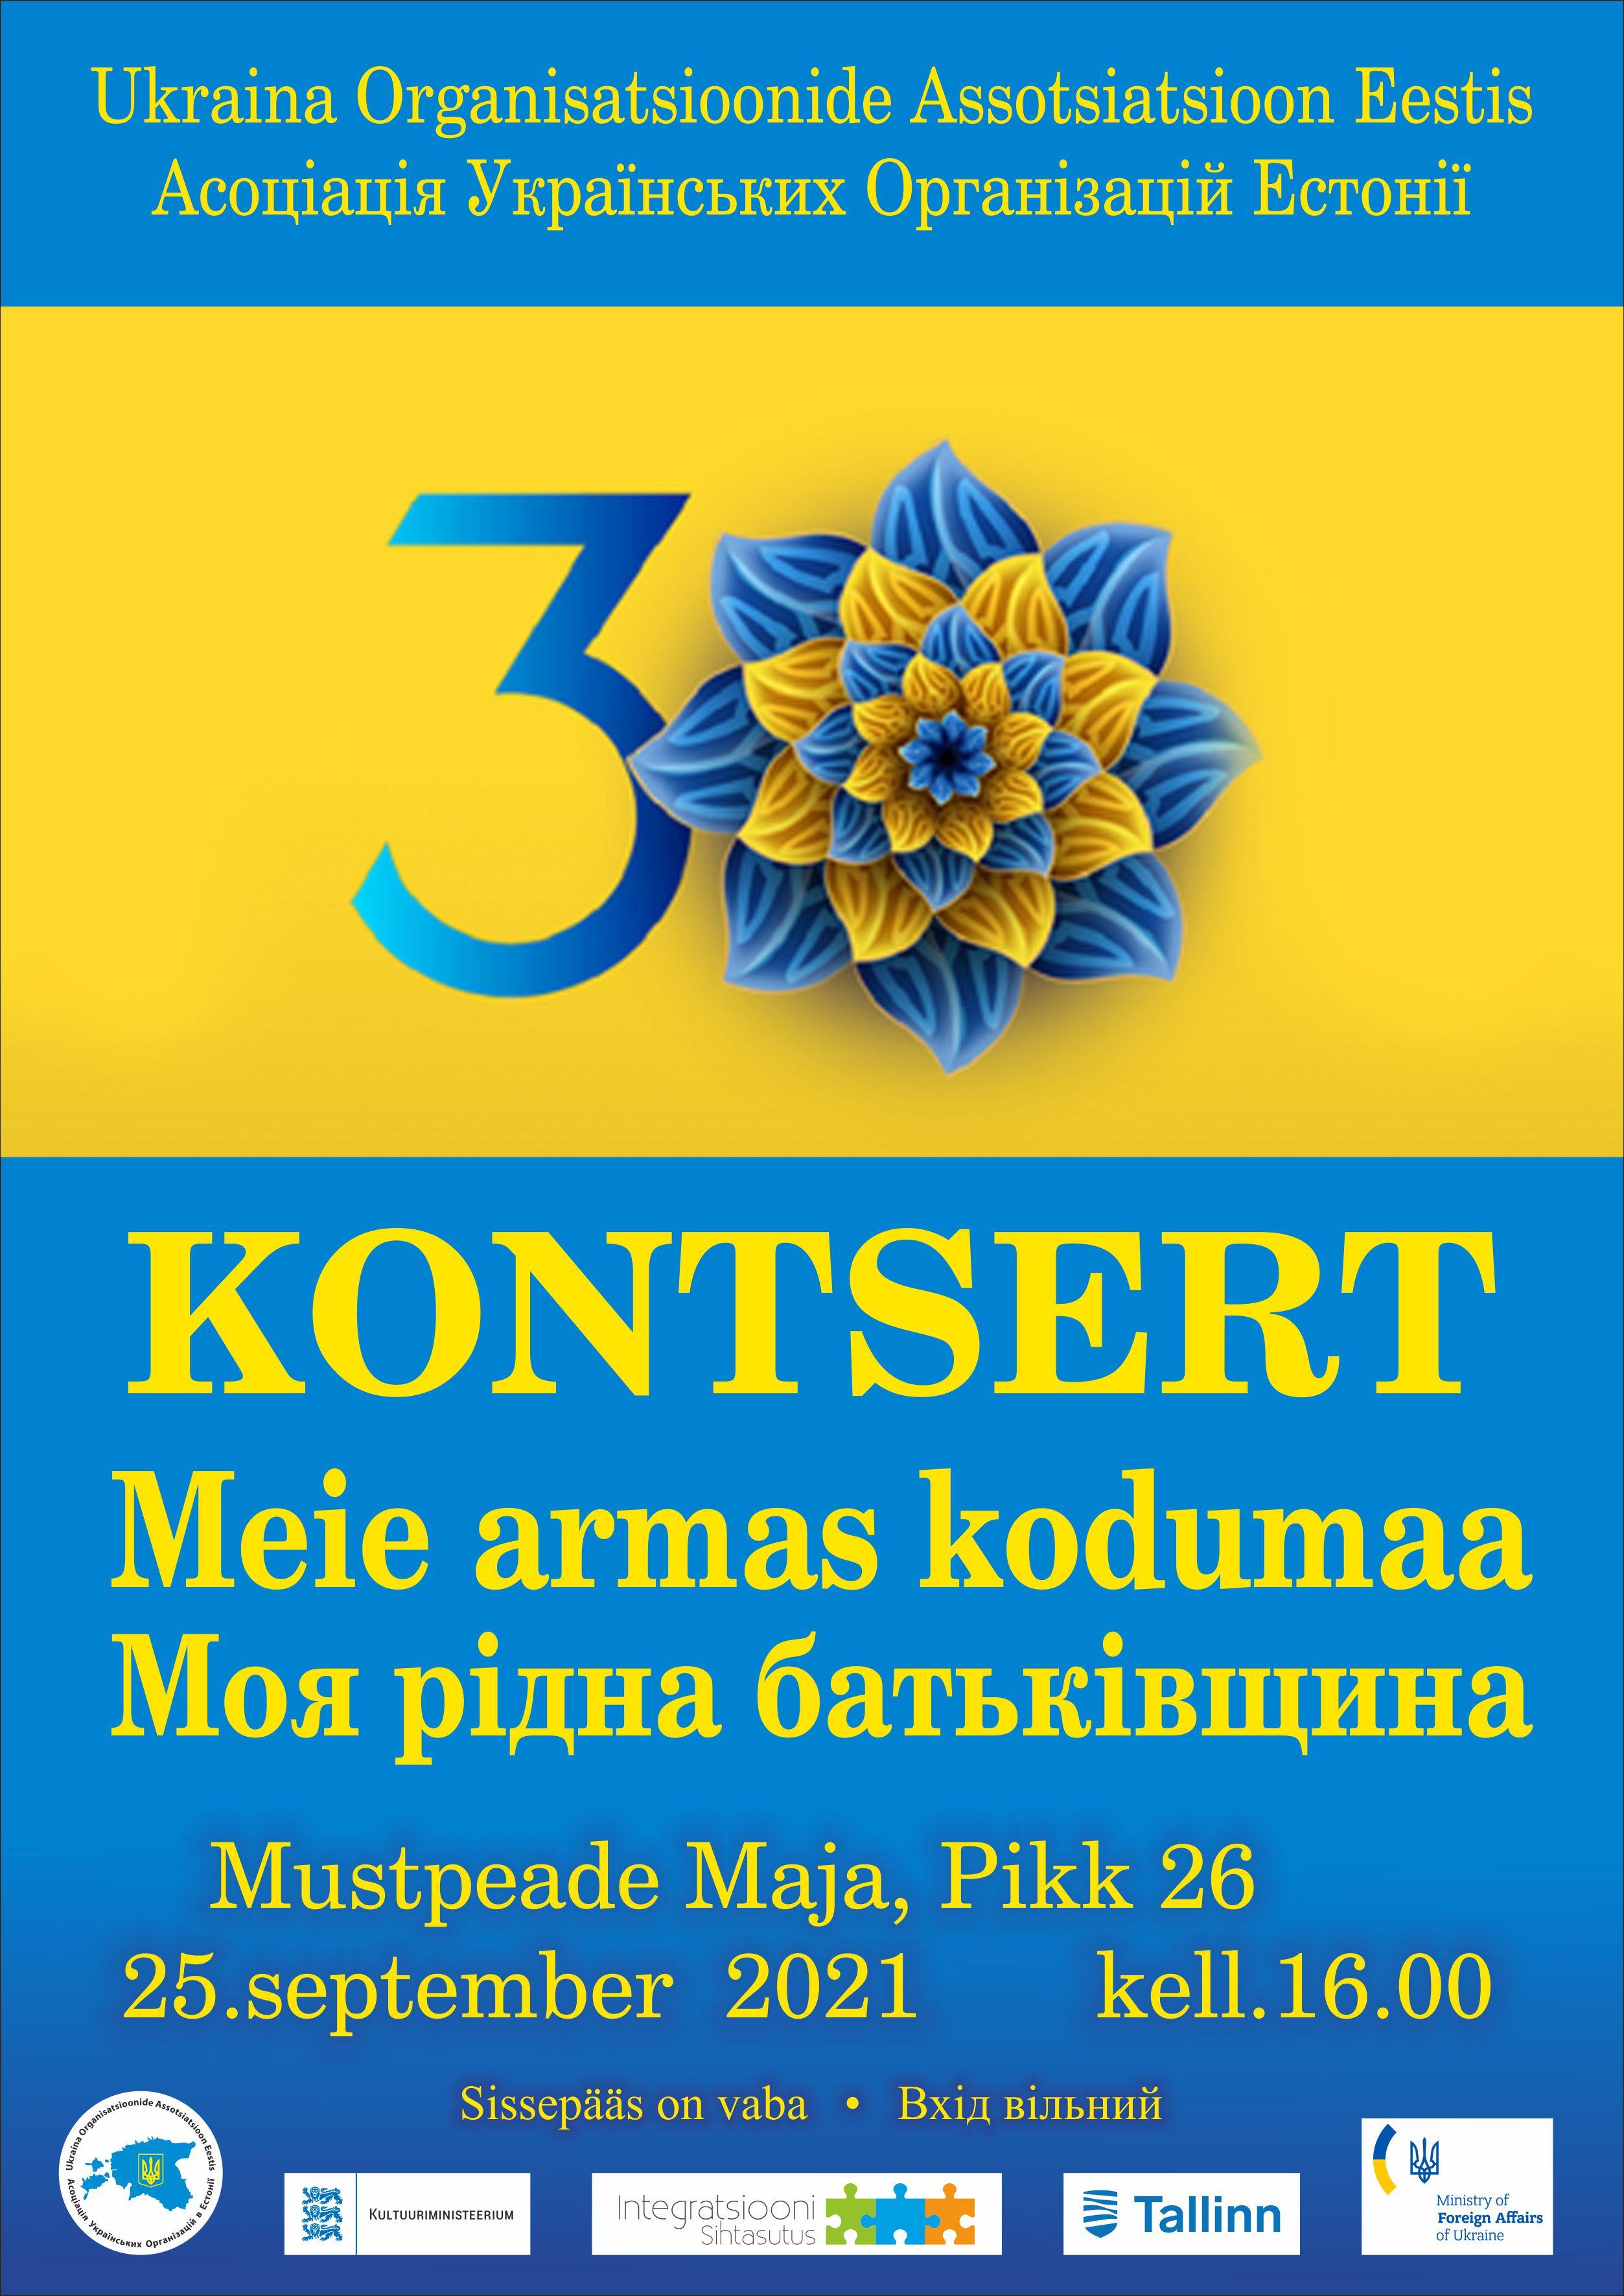 Meie armas kodumaa    Ukraina Organisatsioonide Assotsiatsioon Eestis